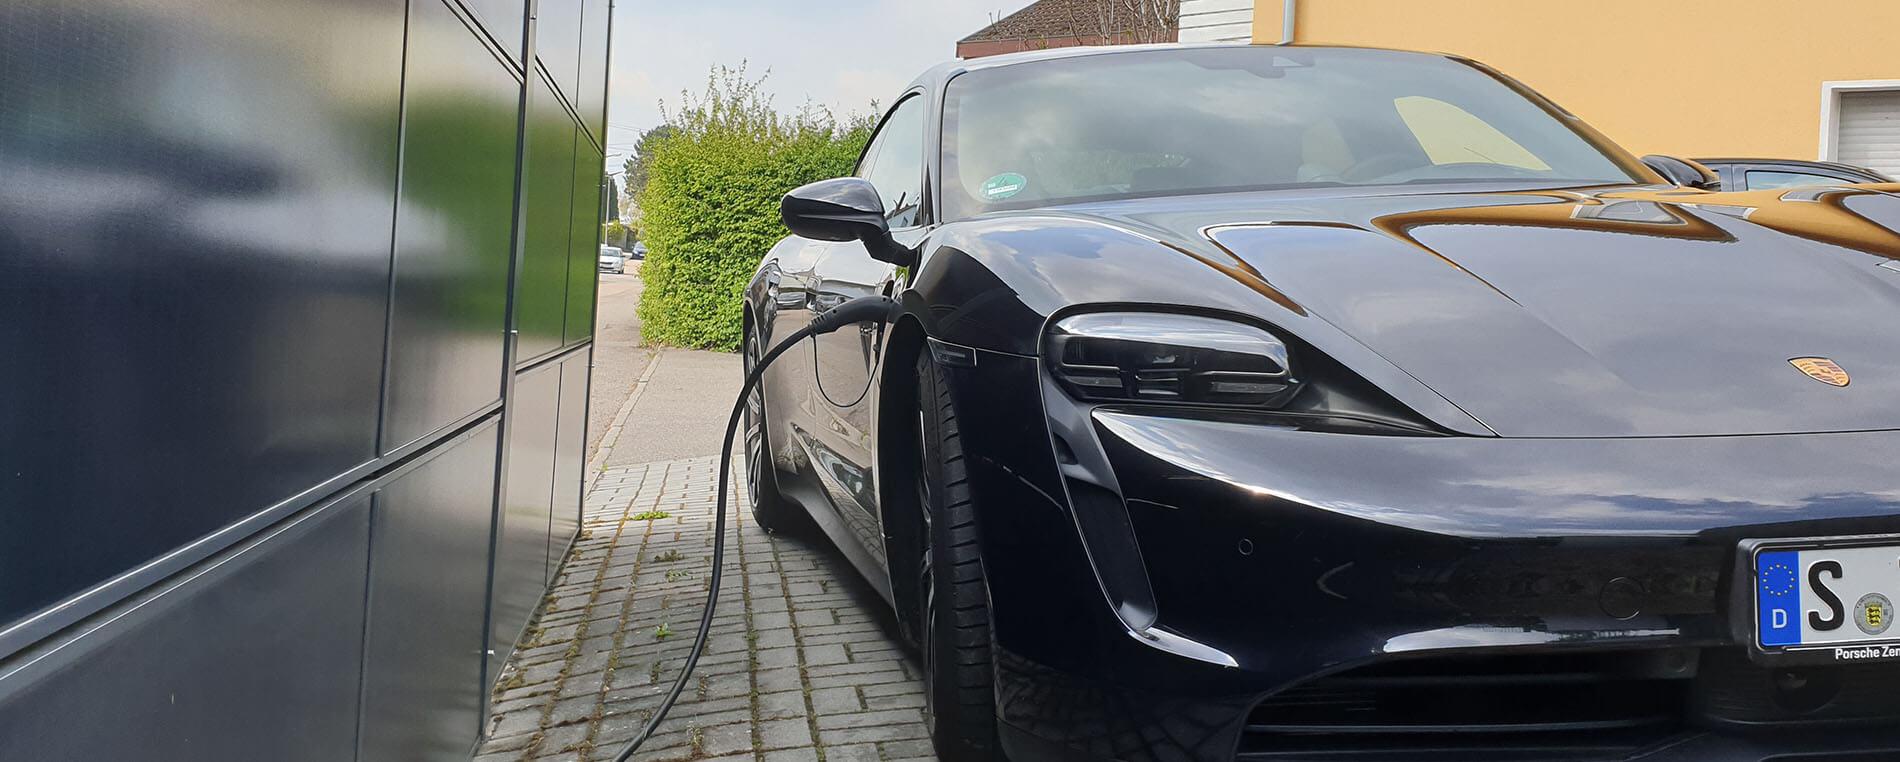 SolarZaun zum Aufladen von Elektro-Autos